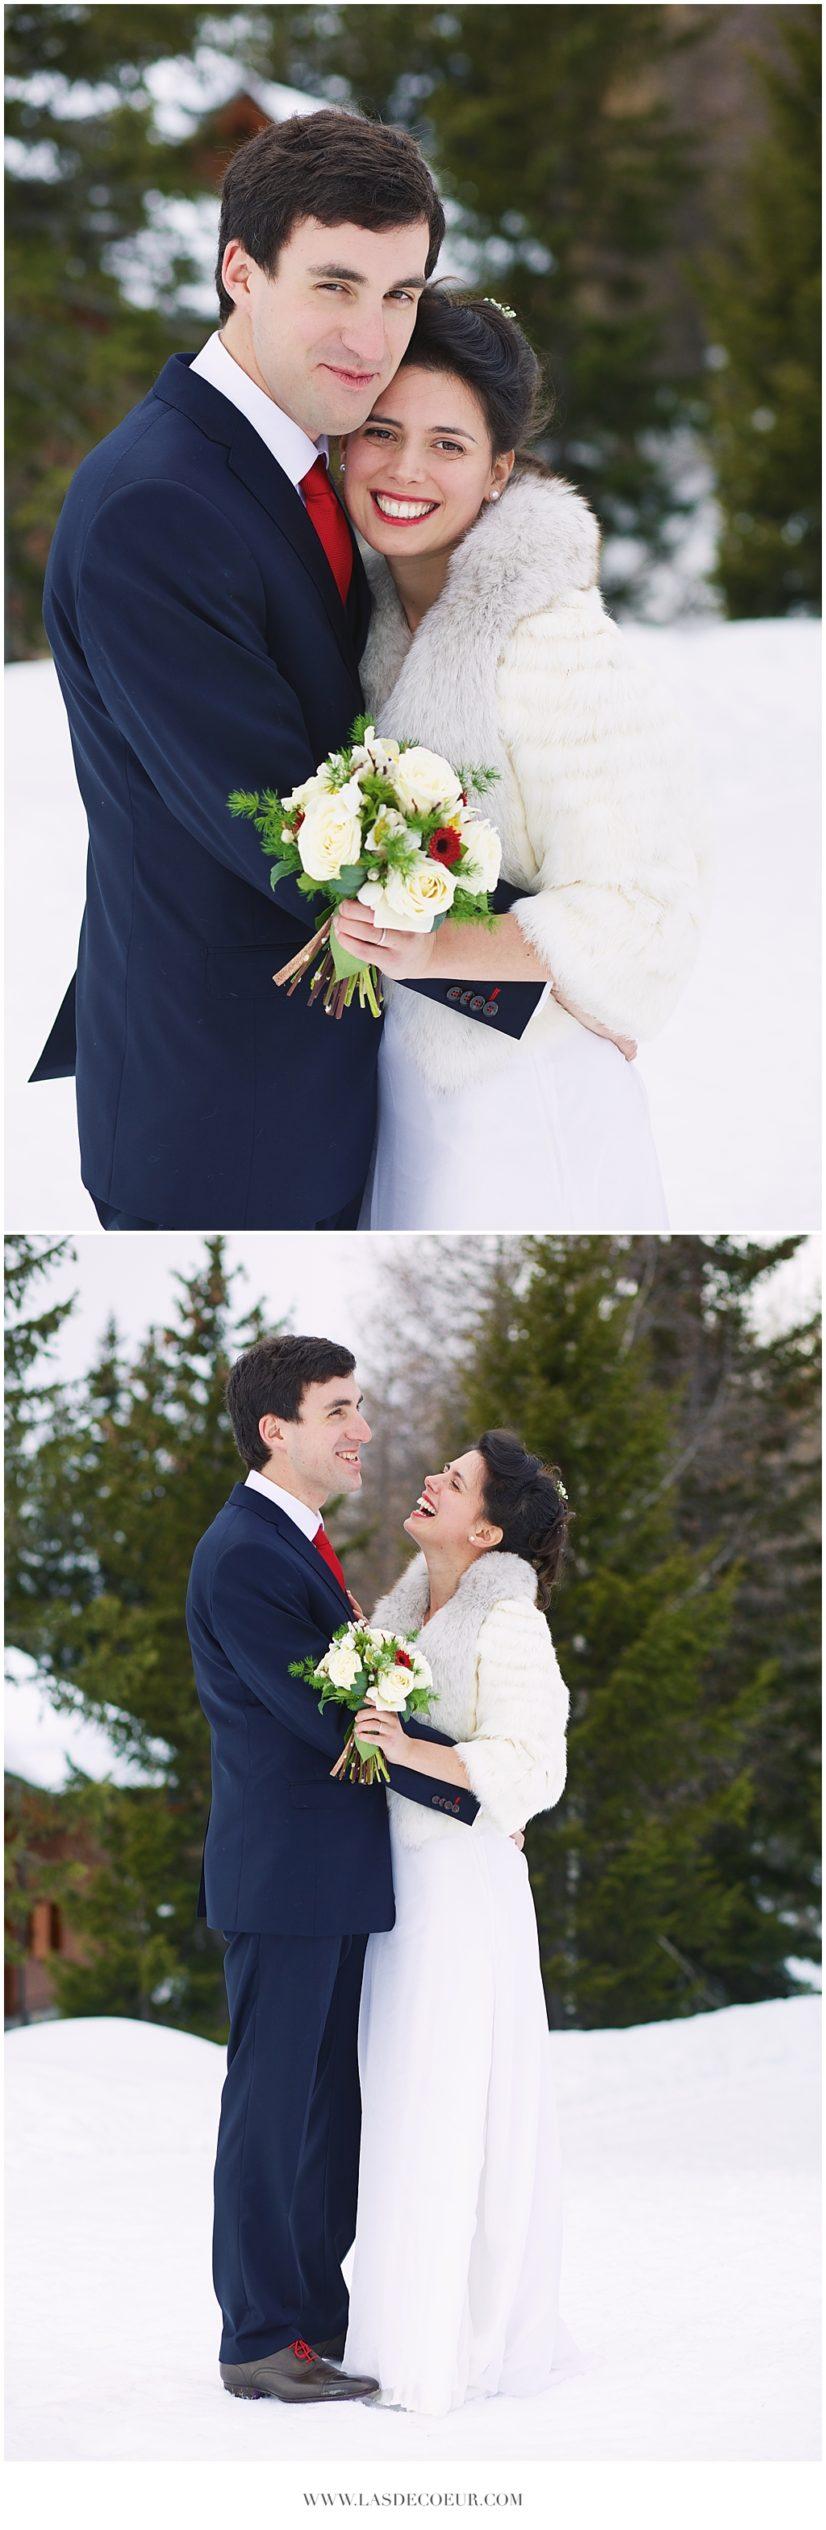 mariage d 39 hiver a la montagne l 39 as de coeur photo et film de mariage. Black Bedroom Furniture Sets. Home Design Ideas